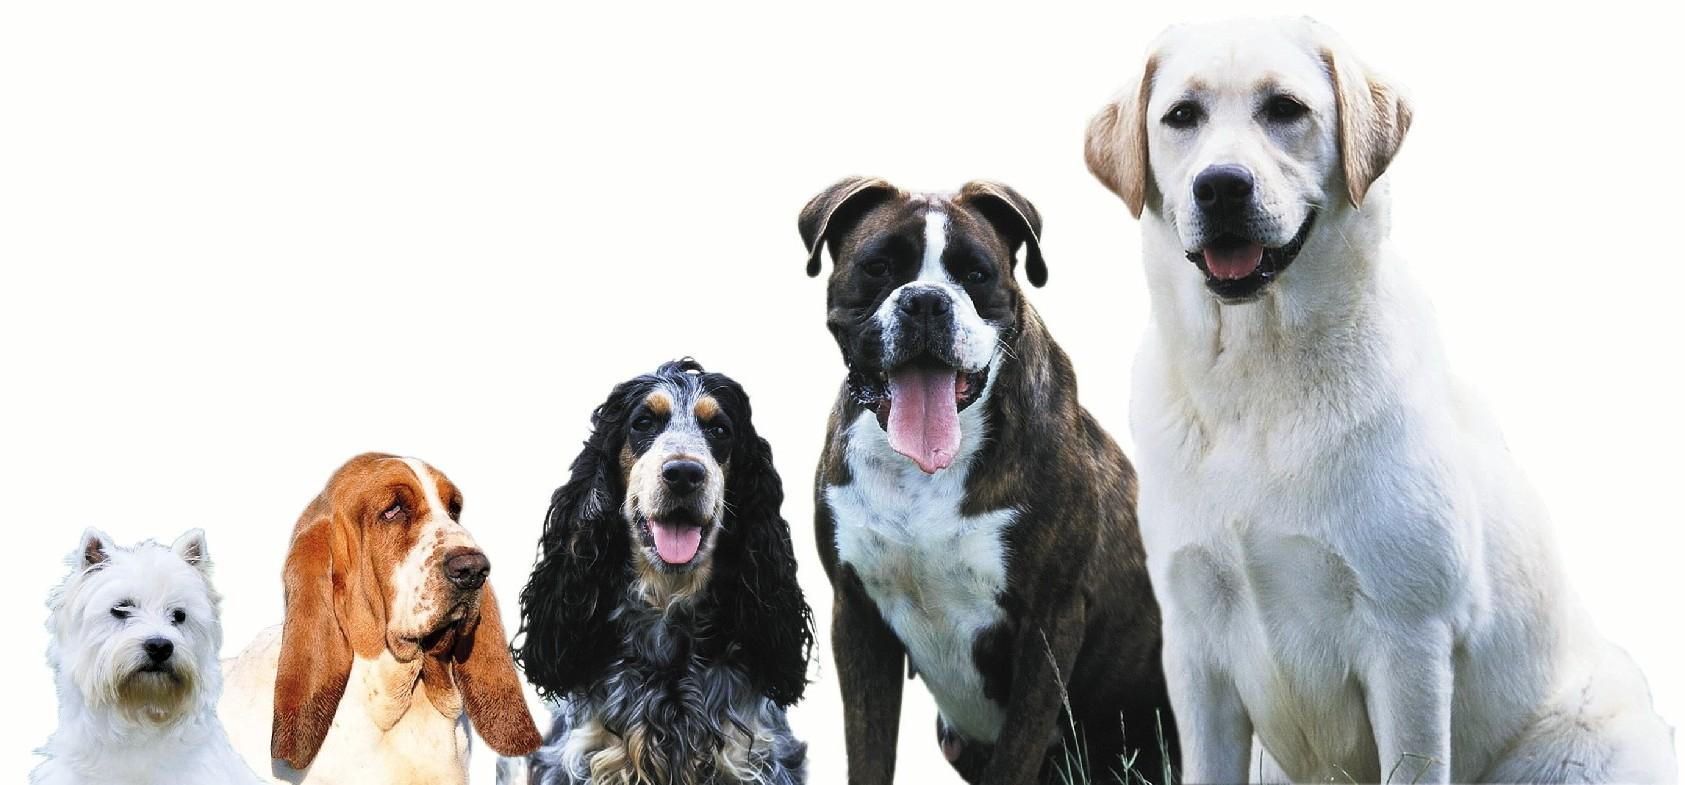 small-dog-training-big-dog-training-puppy-training1